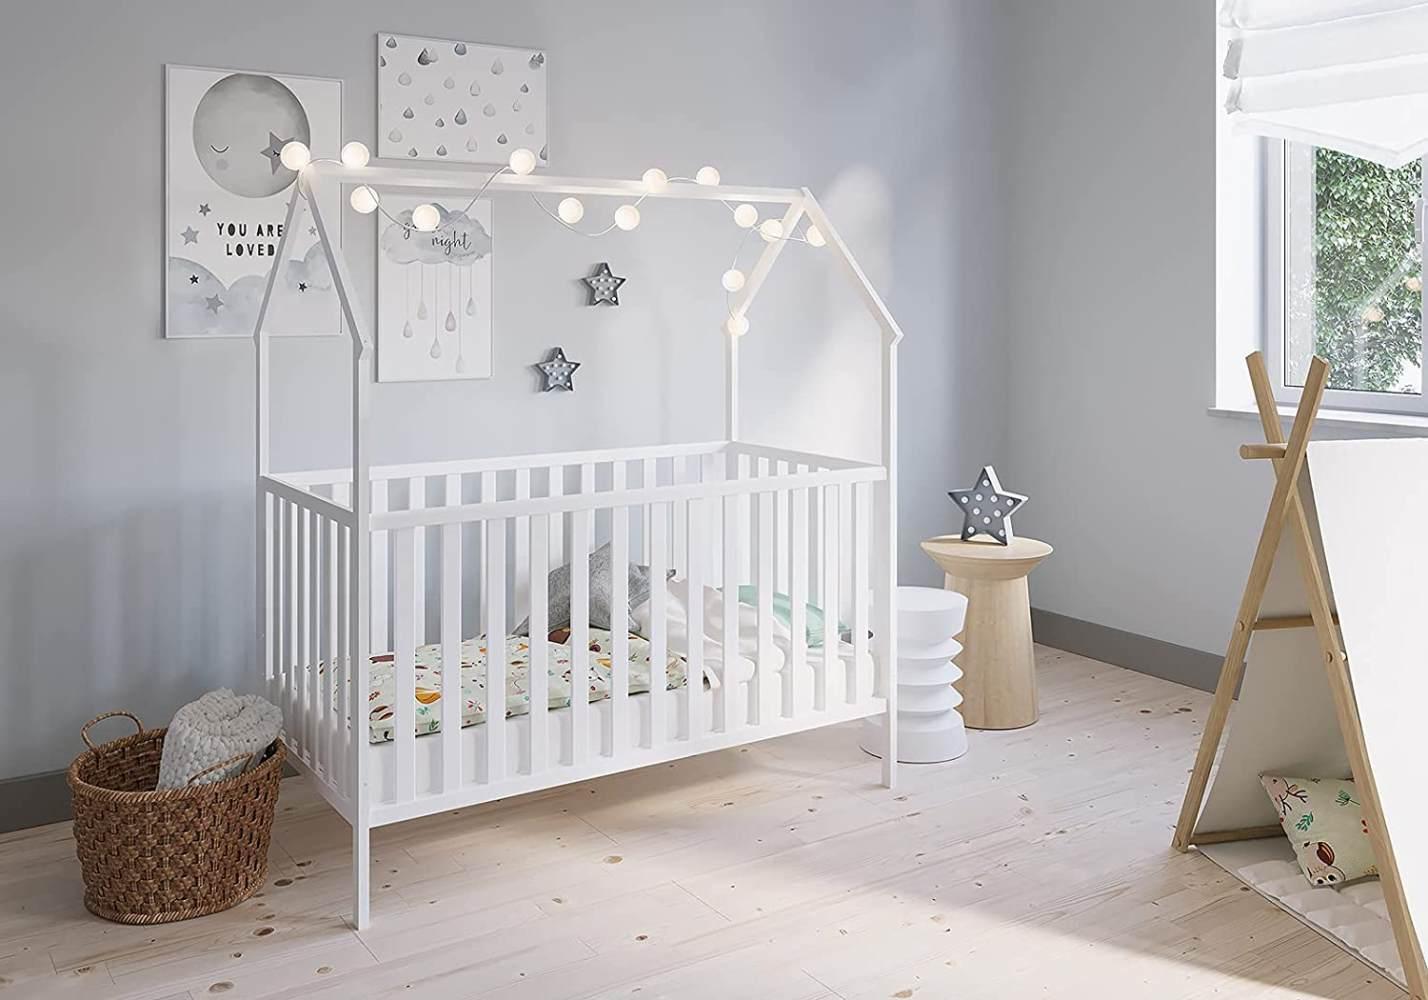 FabiMax 'Schlafmütze' Kinderbett, 70 x 140 cm, weiß, Kiefer massiv, 3-fach höhenverstellbar, umbaubar Bild 1